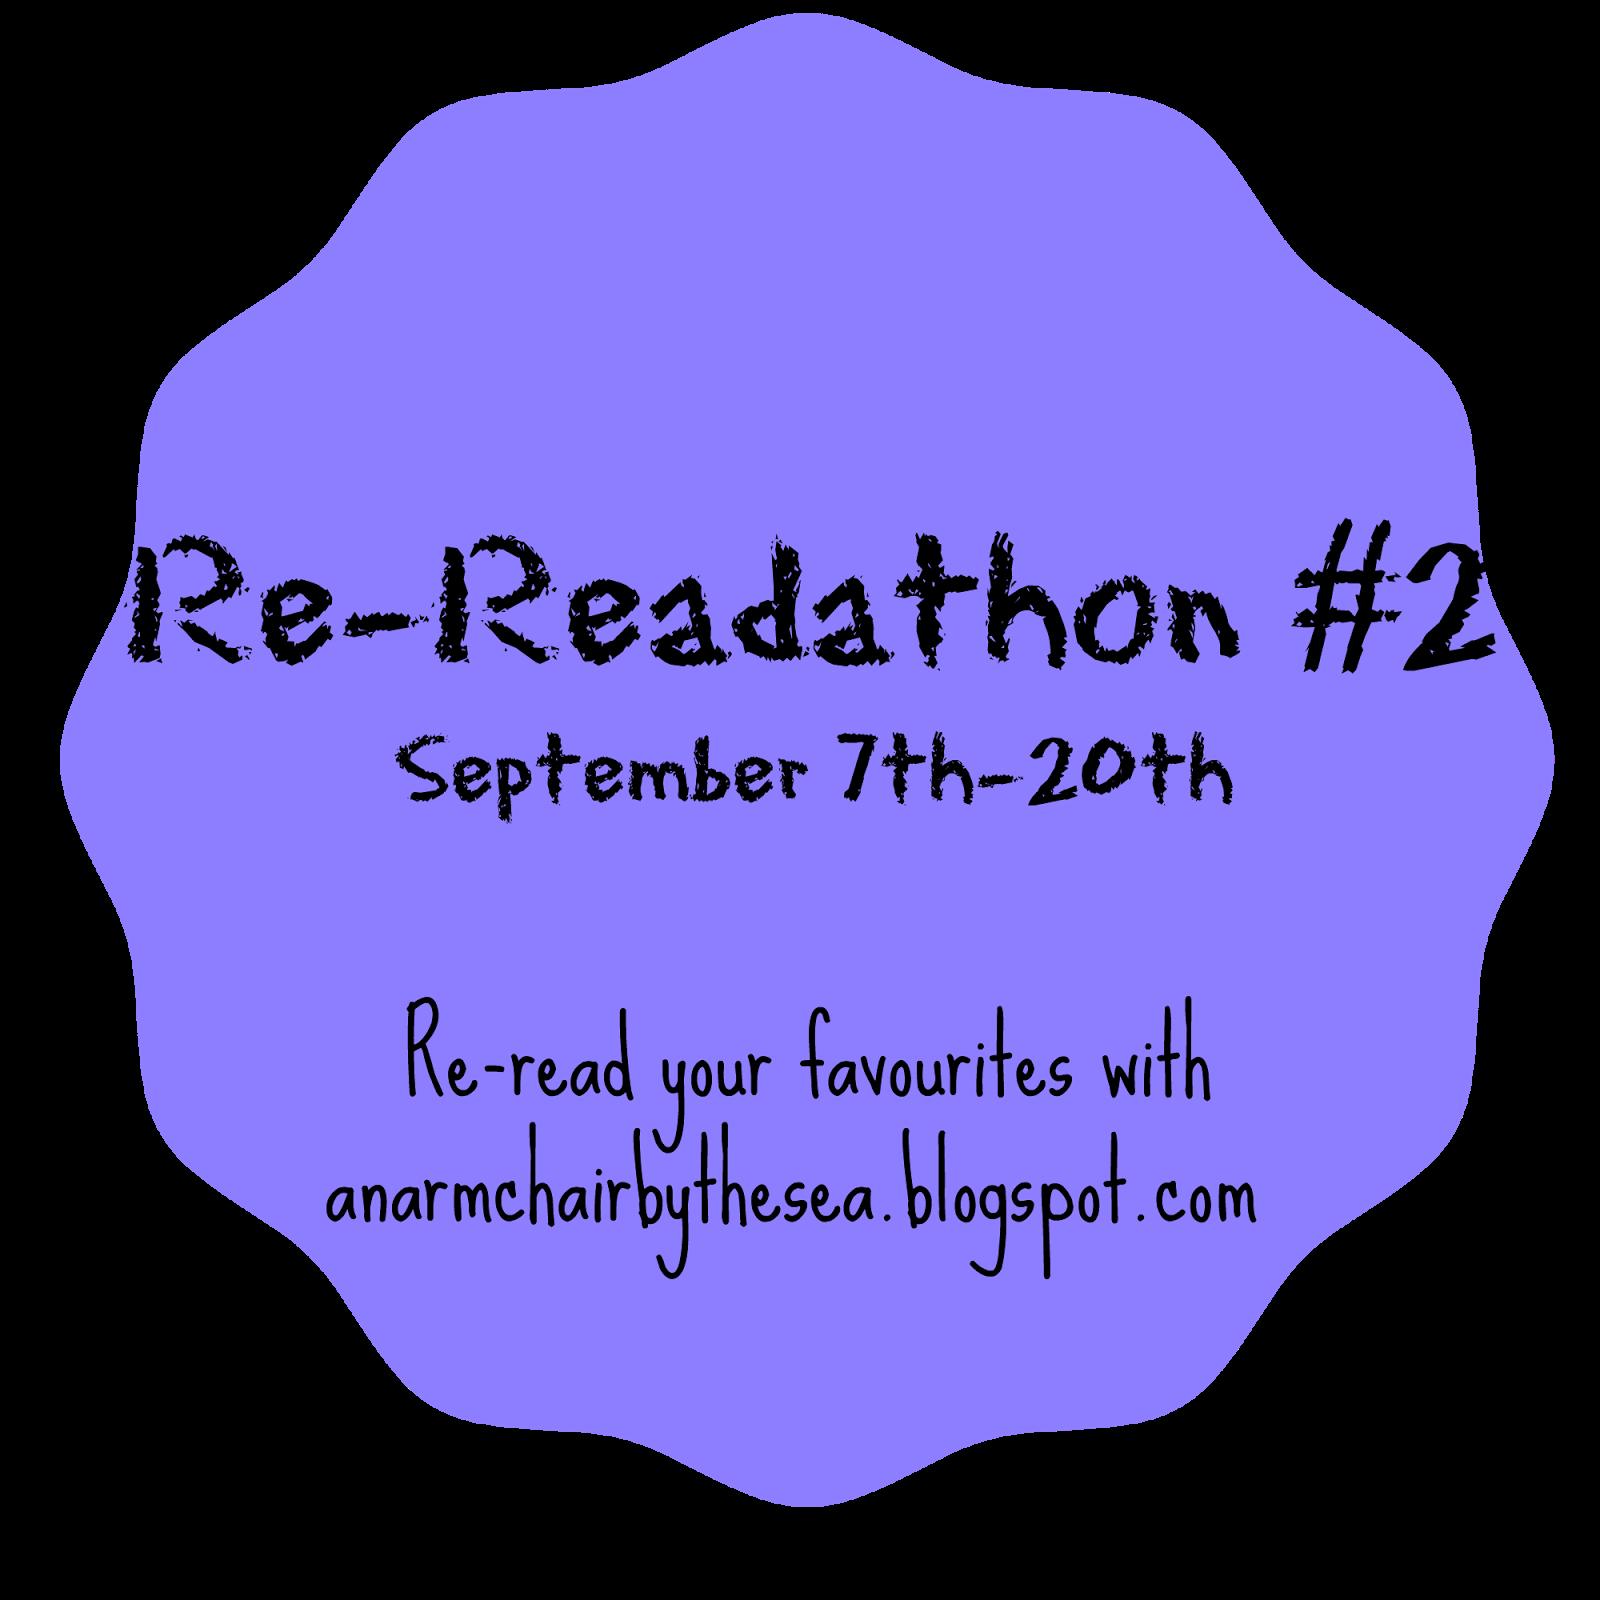 Re-readathon #2